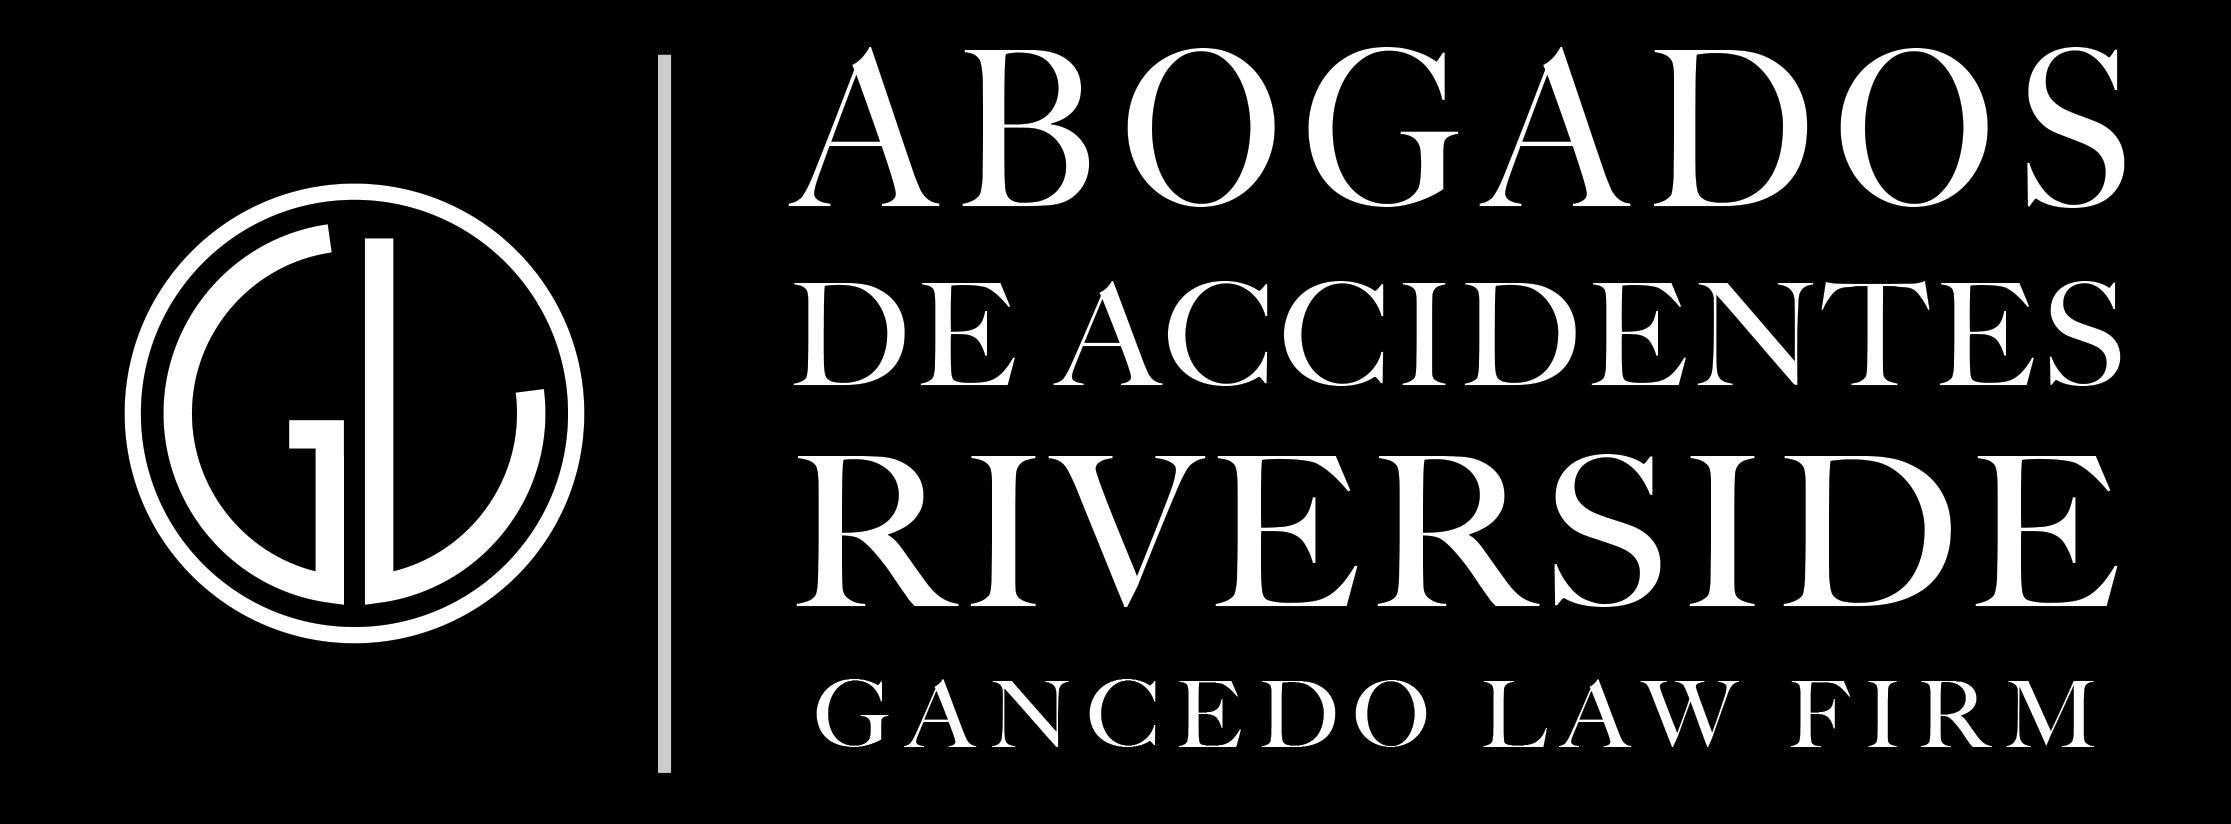 Abogados de Accidentes de Auto Riverside - Defensores Legal Gancedo